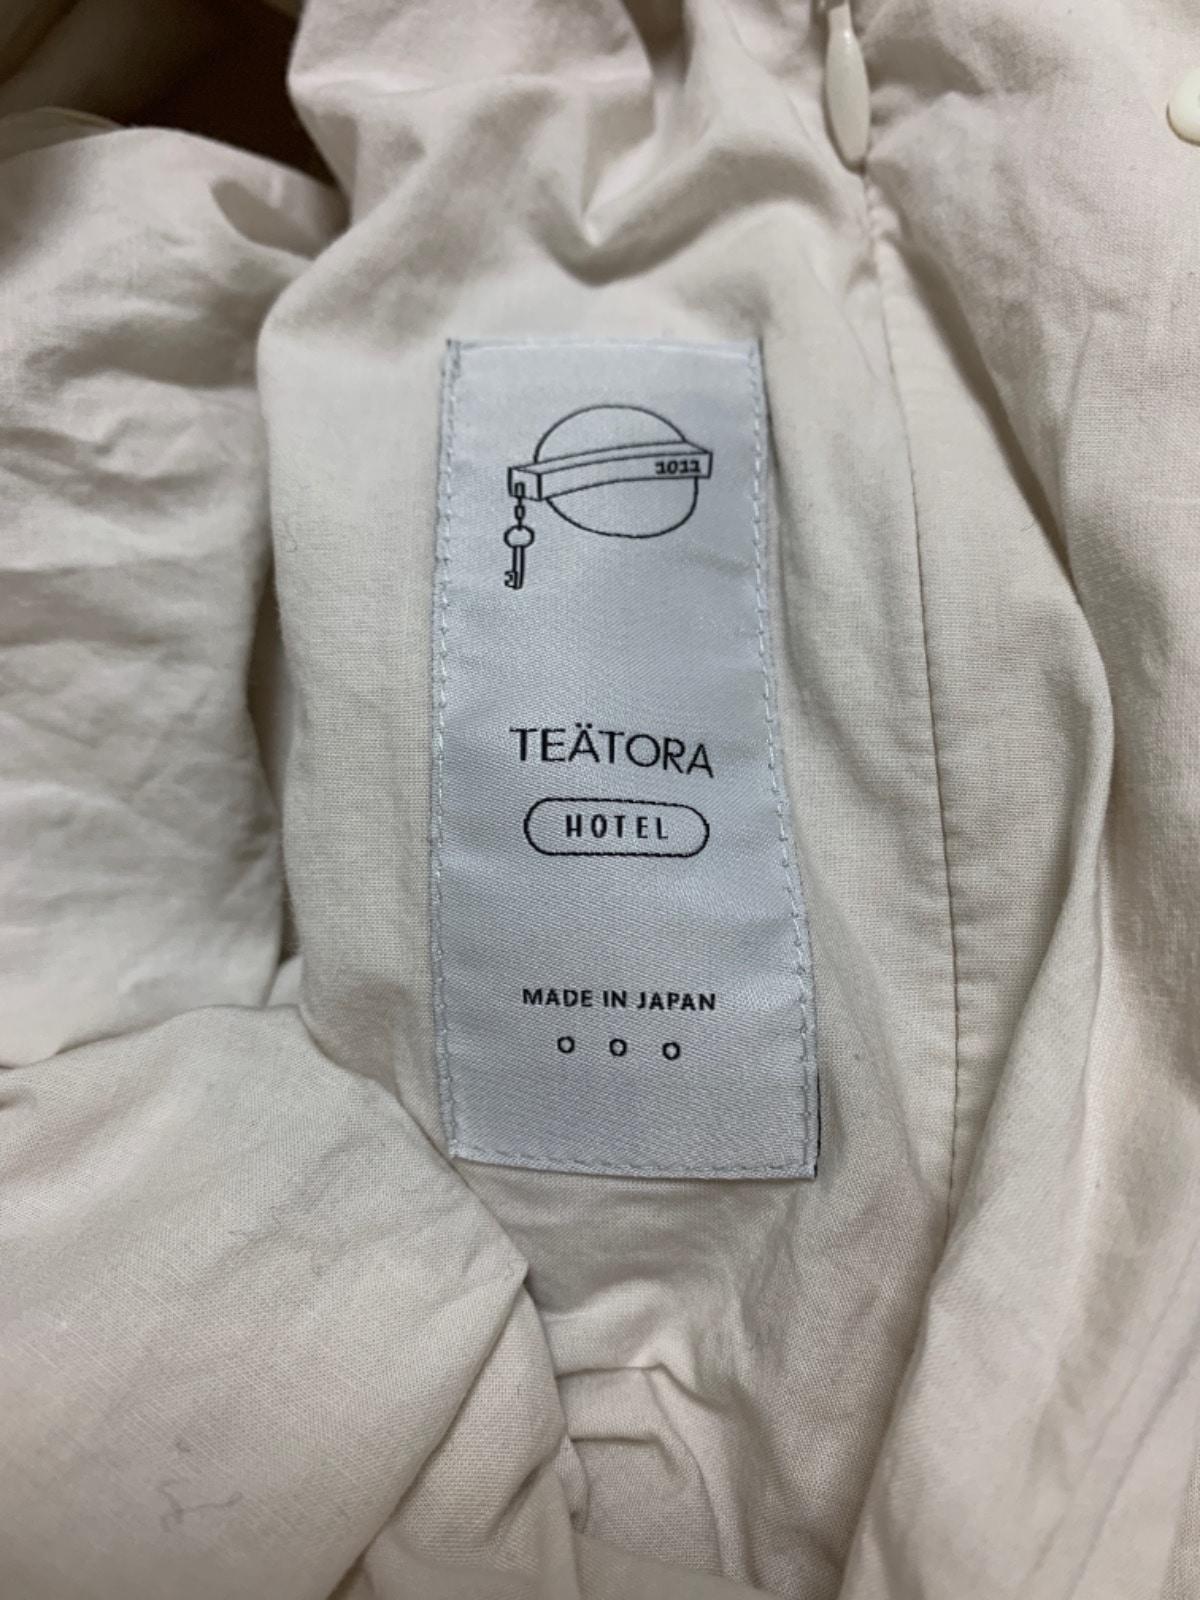 TEATORA(テアトラ)のシャツ